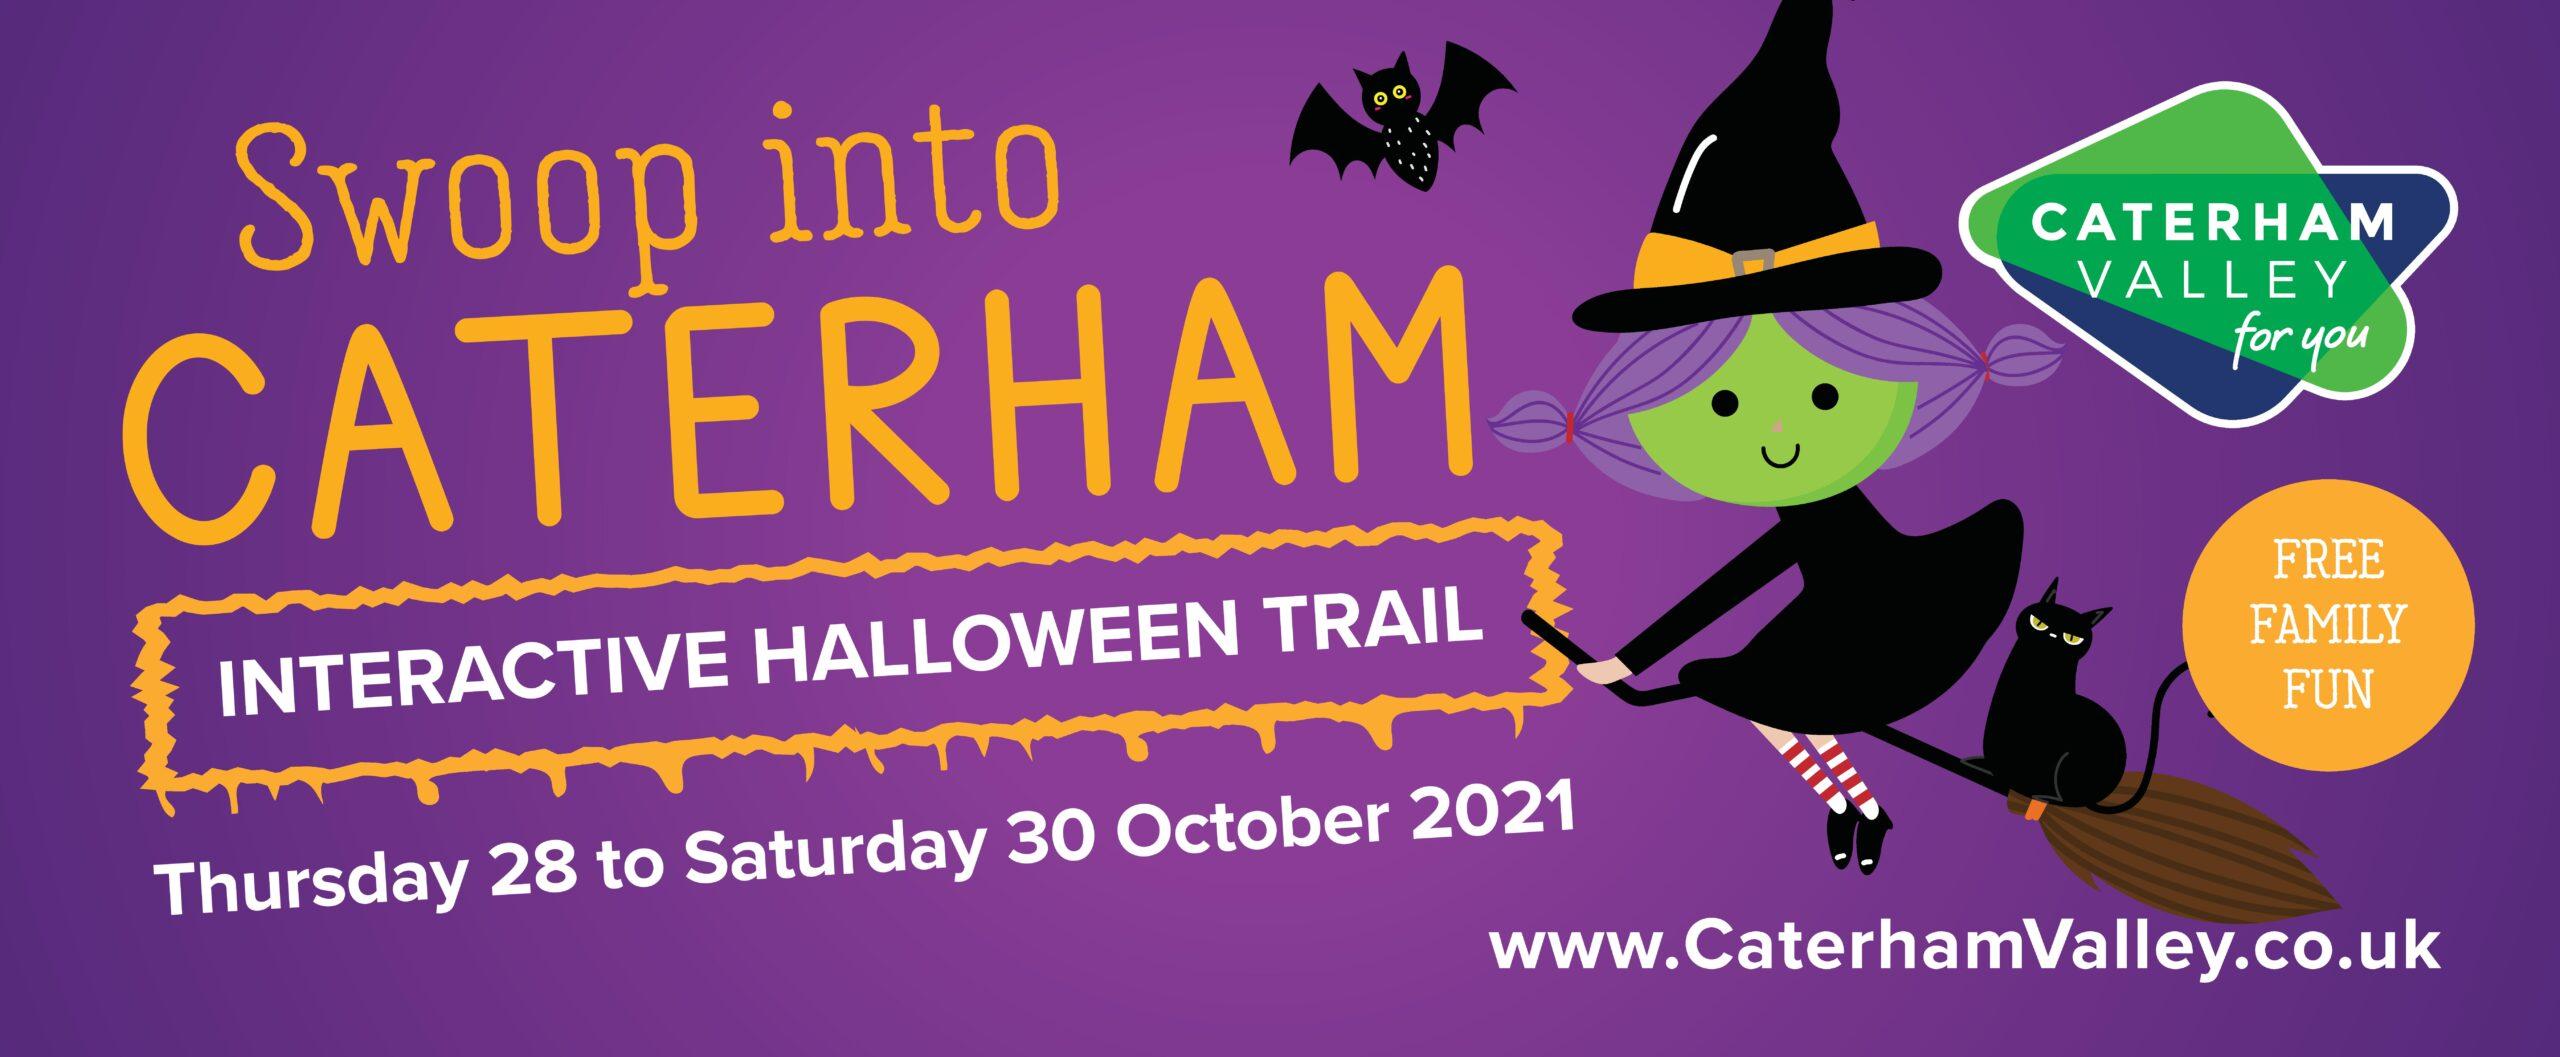 Halloween 2021 in Caterham Valley, Surrey